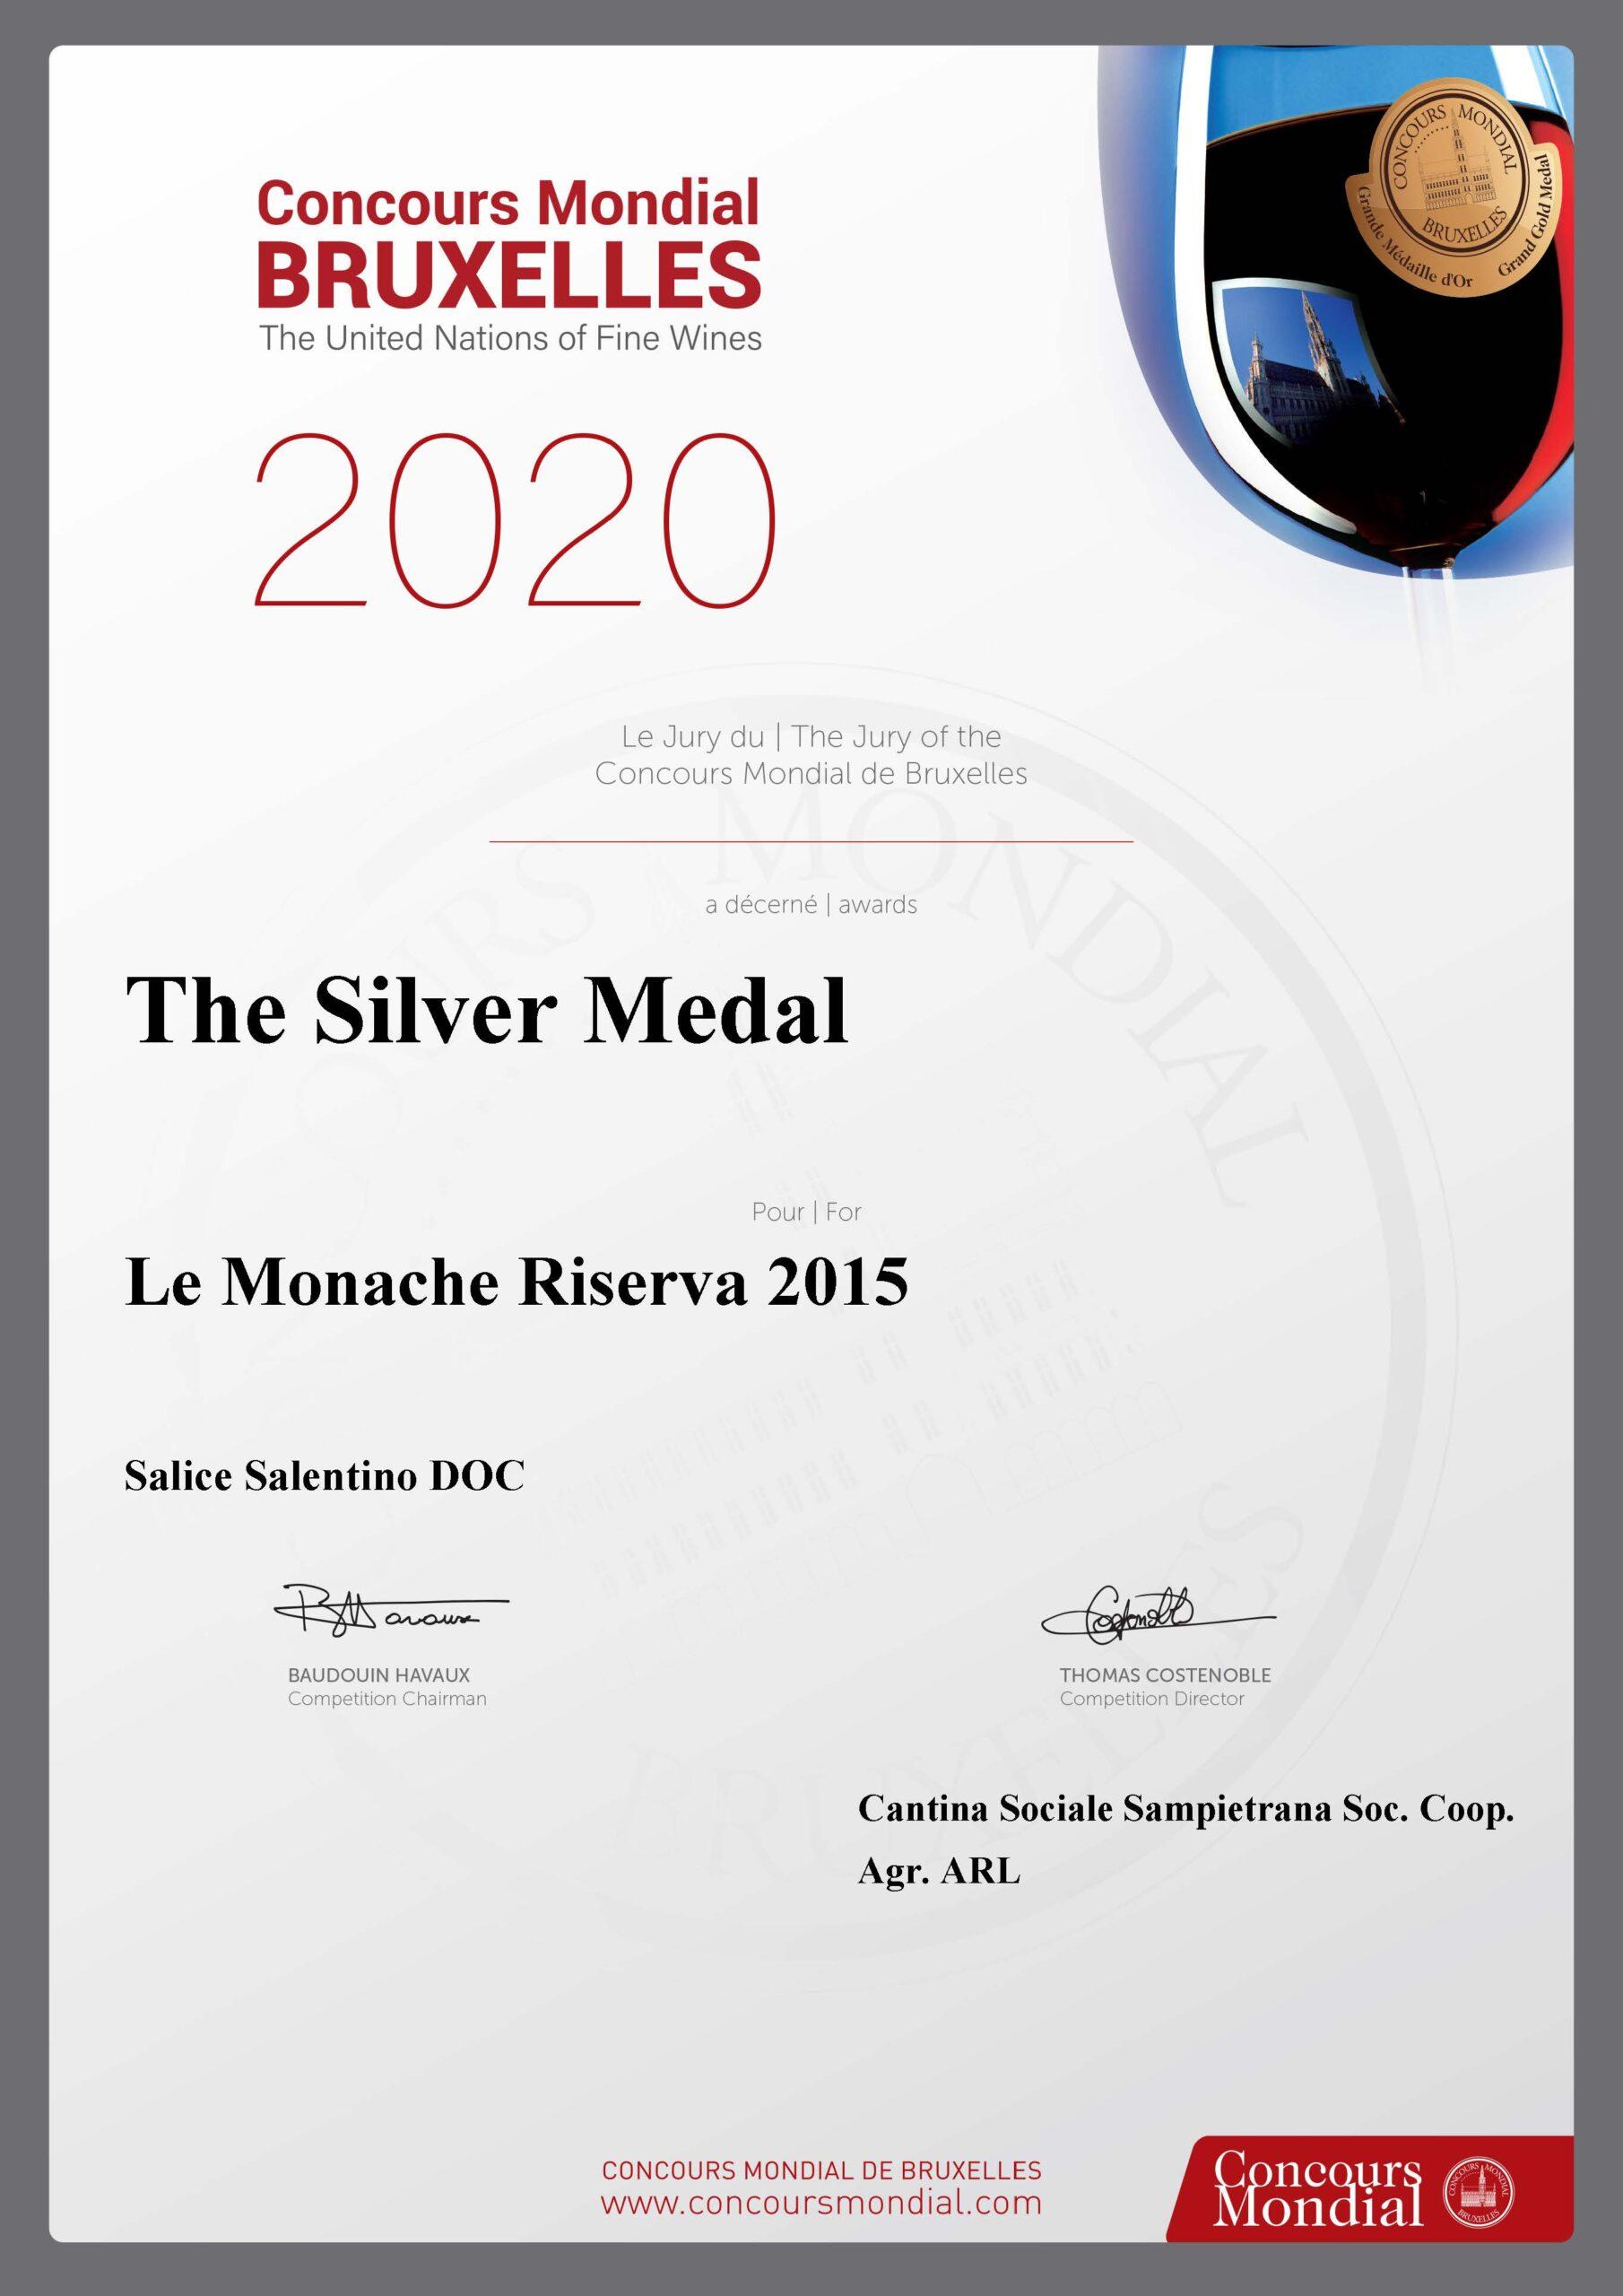 le monache 2015 silver